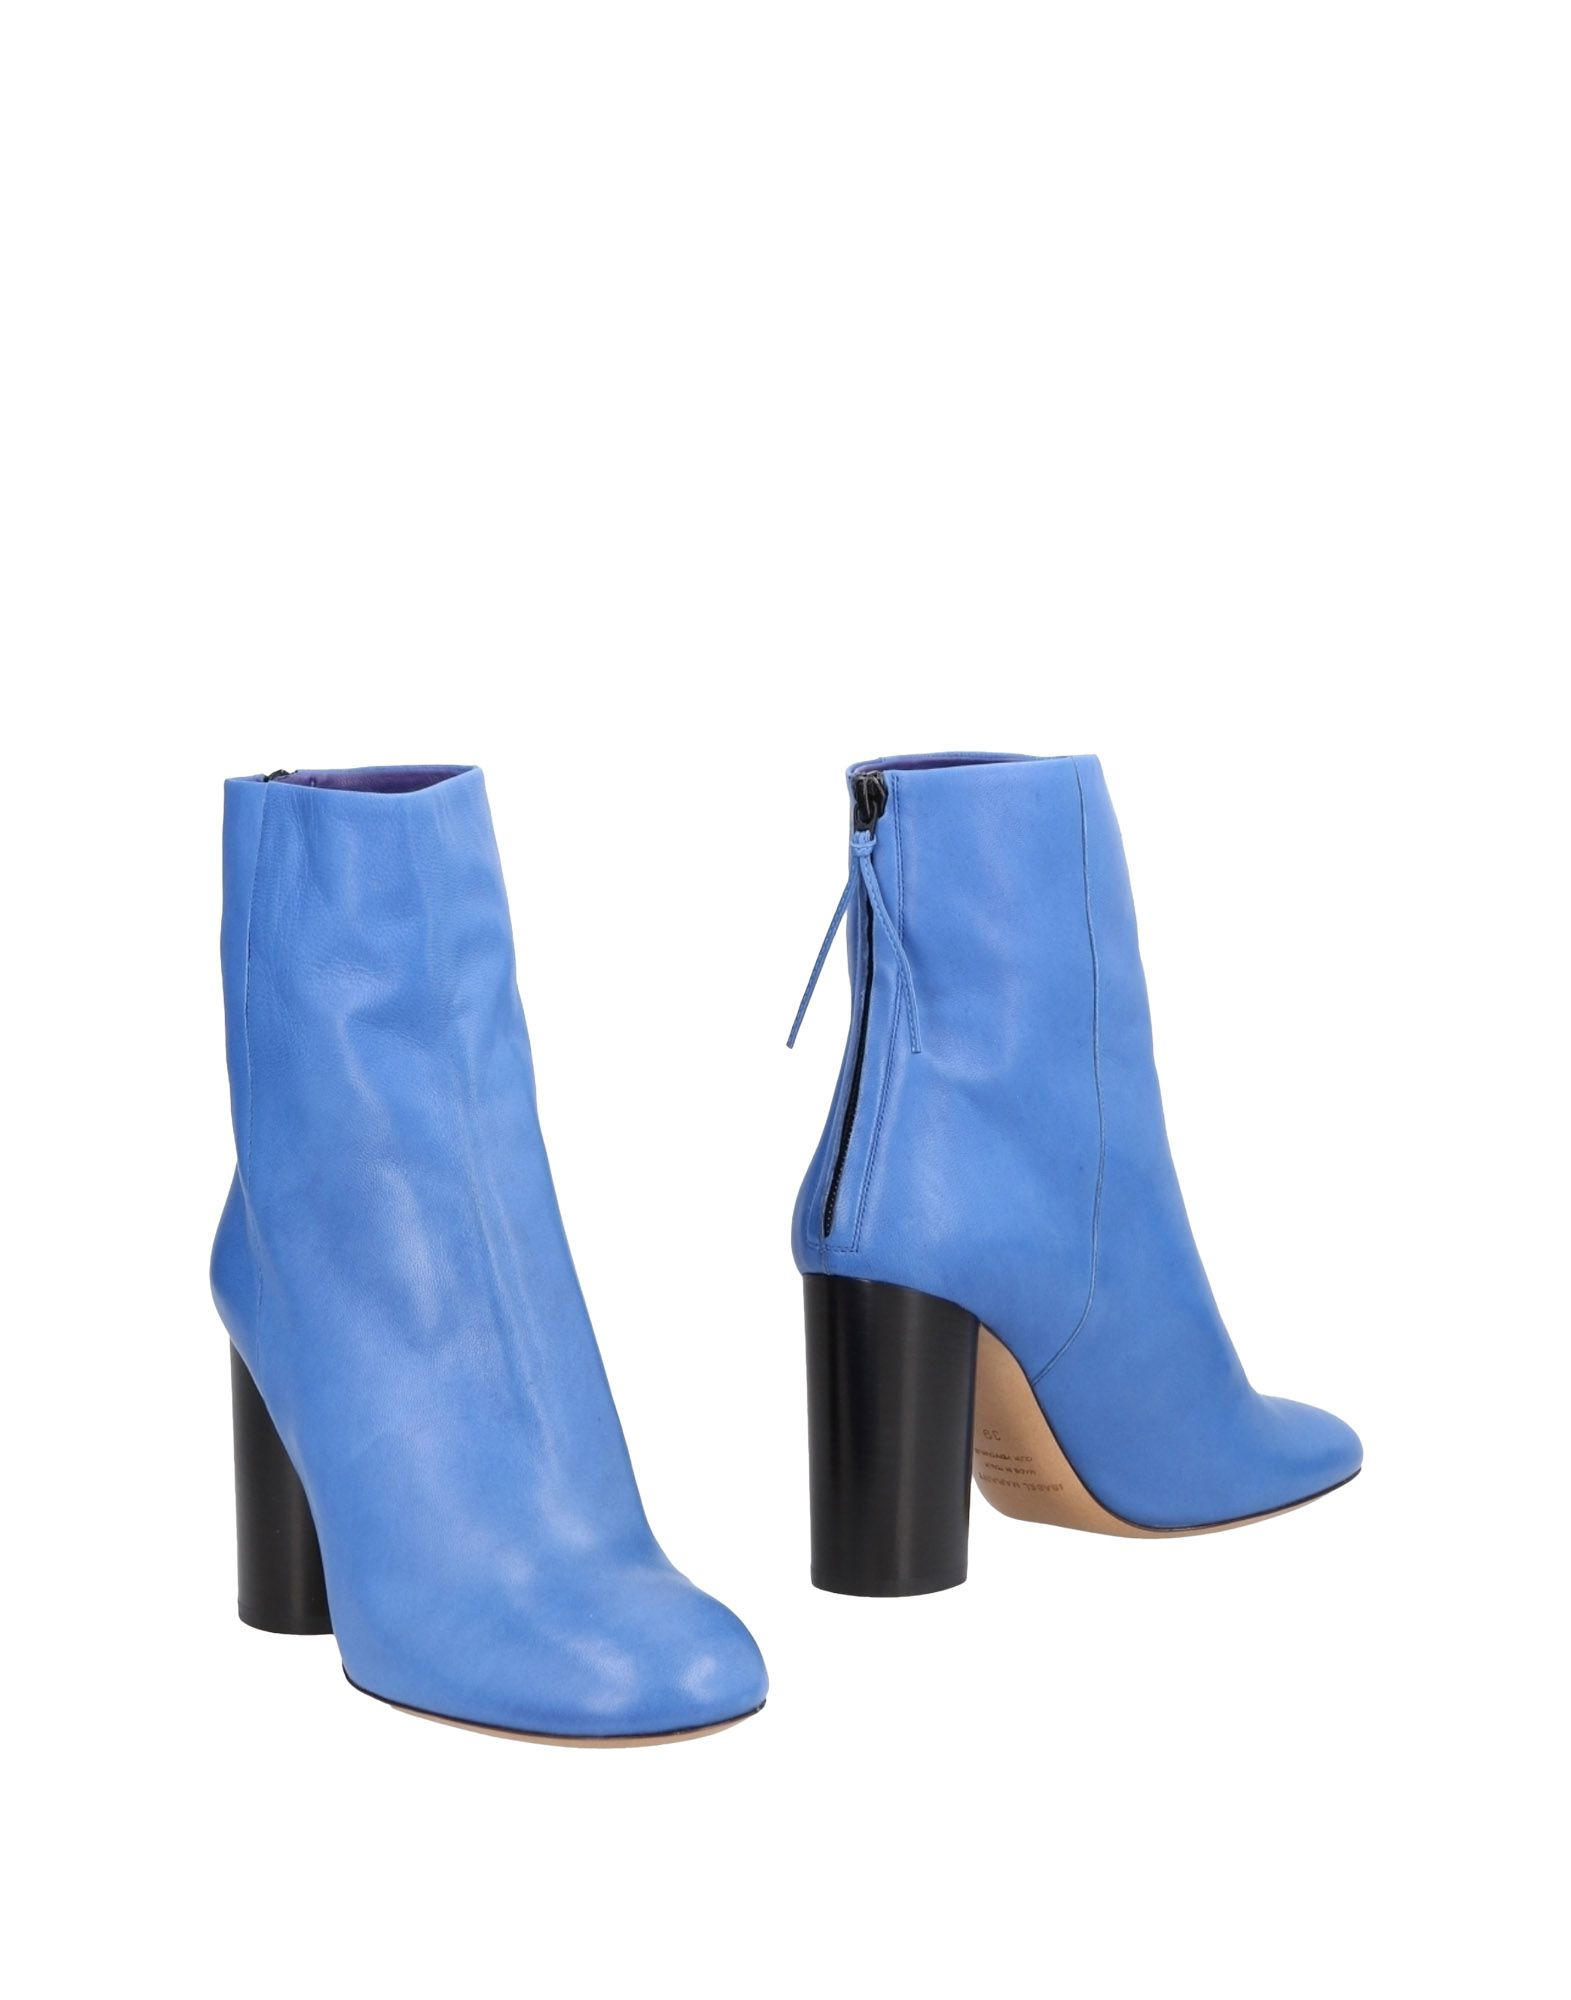 Isabel Marant Stiefelette Damen  11478339ADGünstige gut aussehende Schuhe